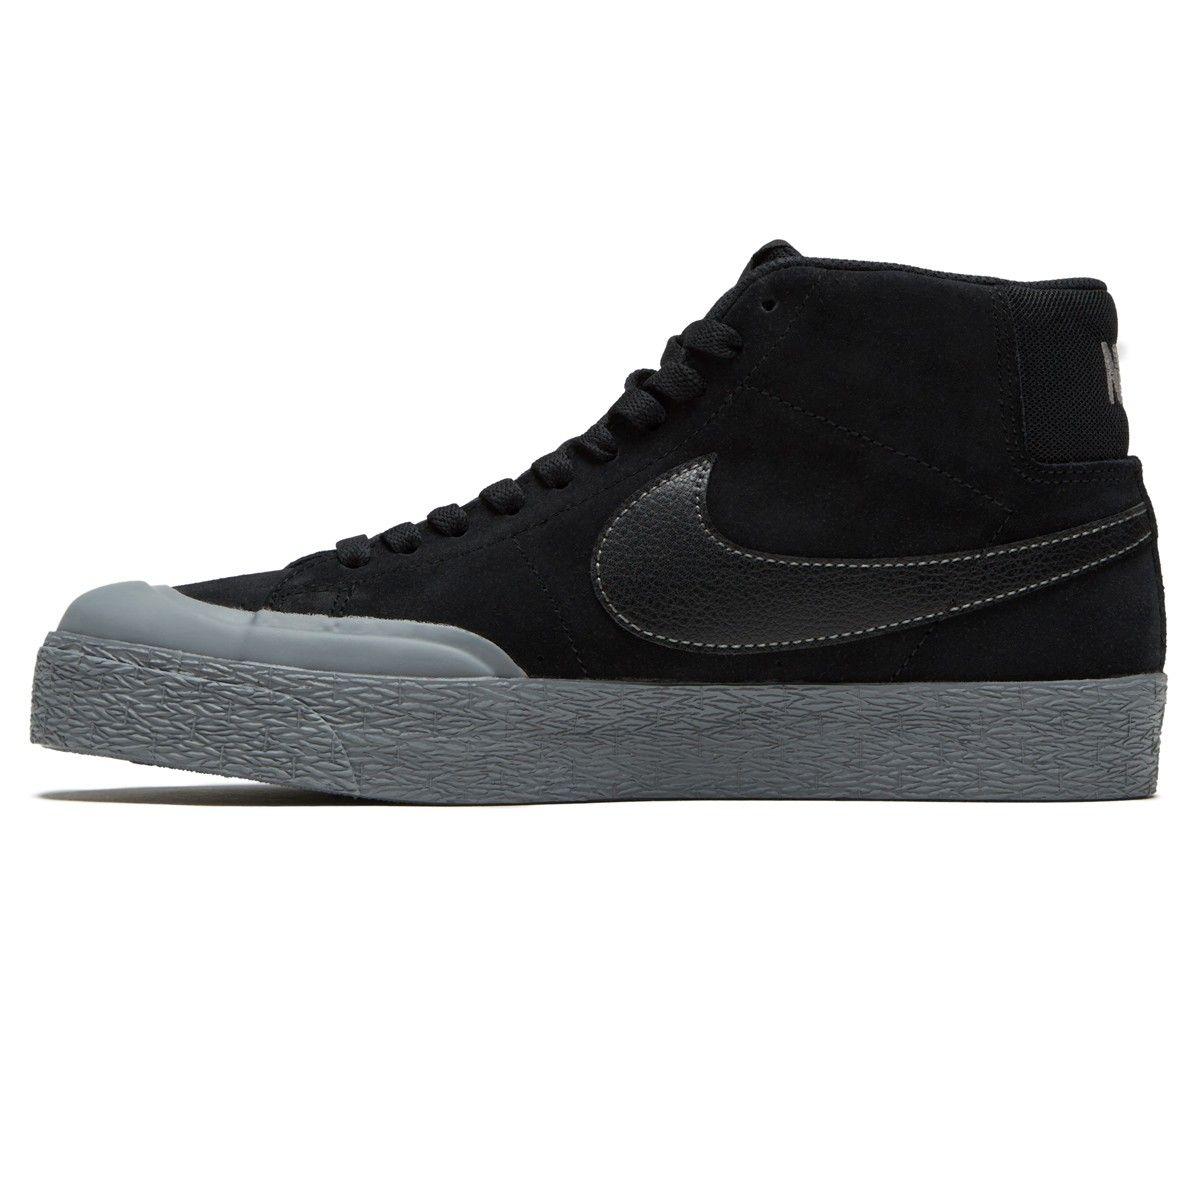 Nike SB Zoom Blazer Mid XT Shoes BlackMettalic Pewter